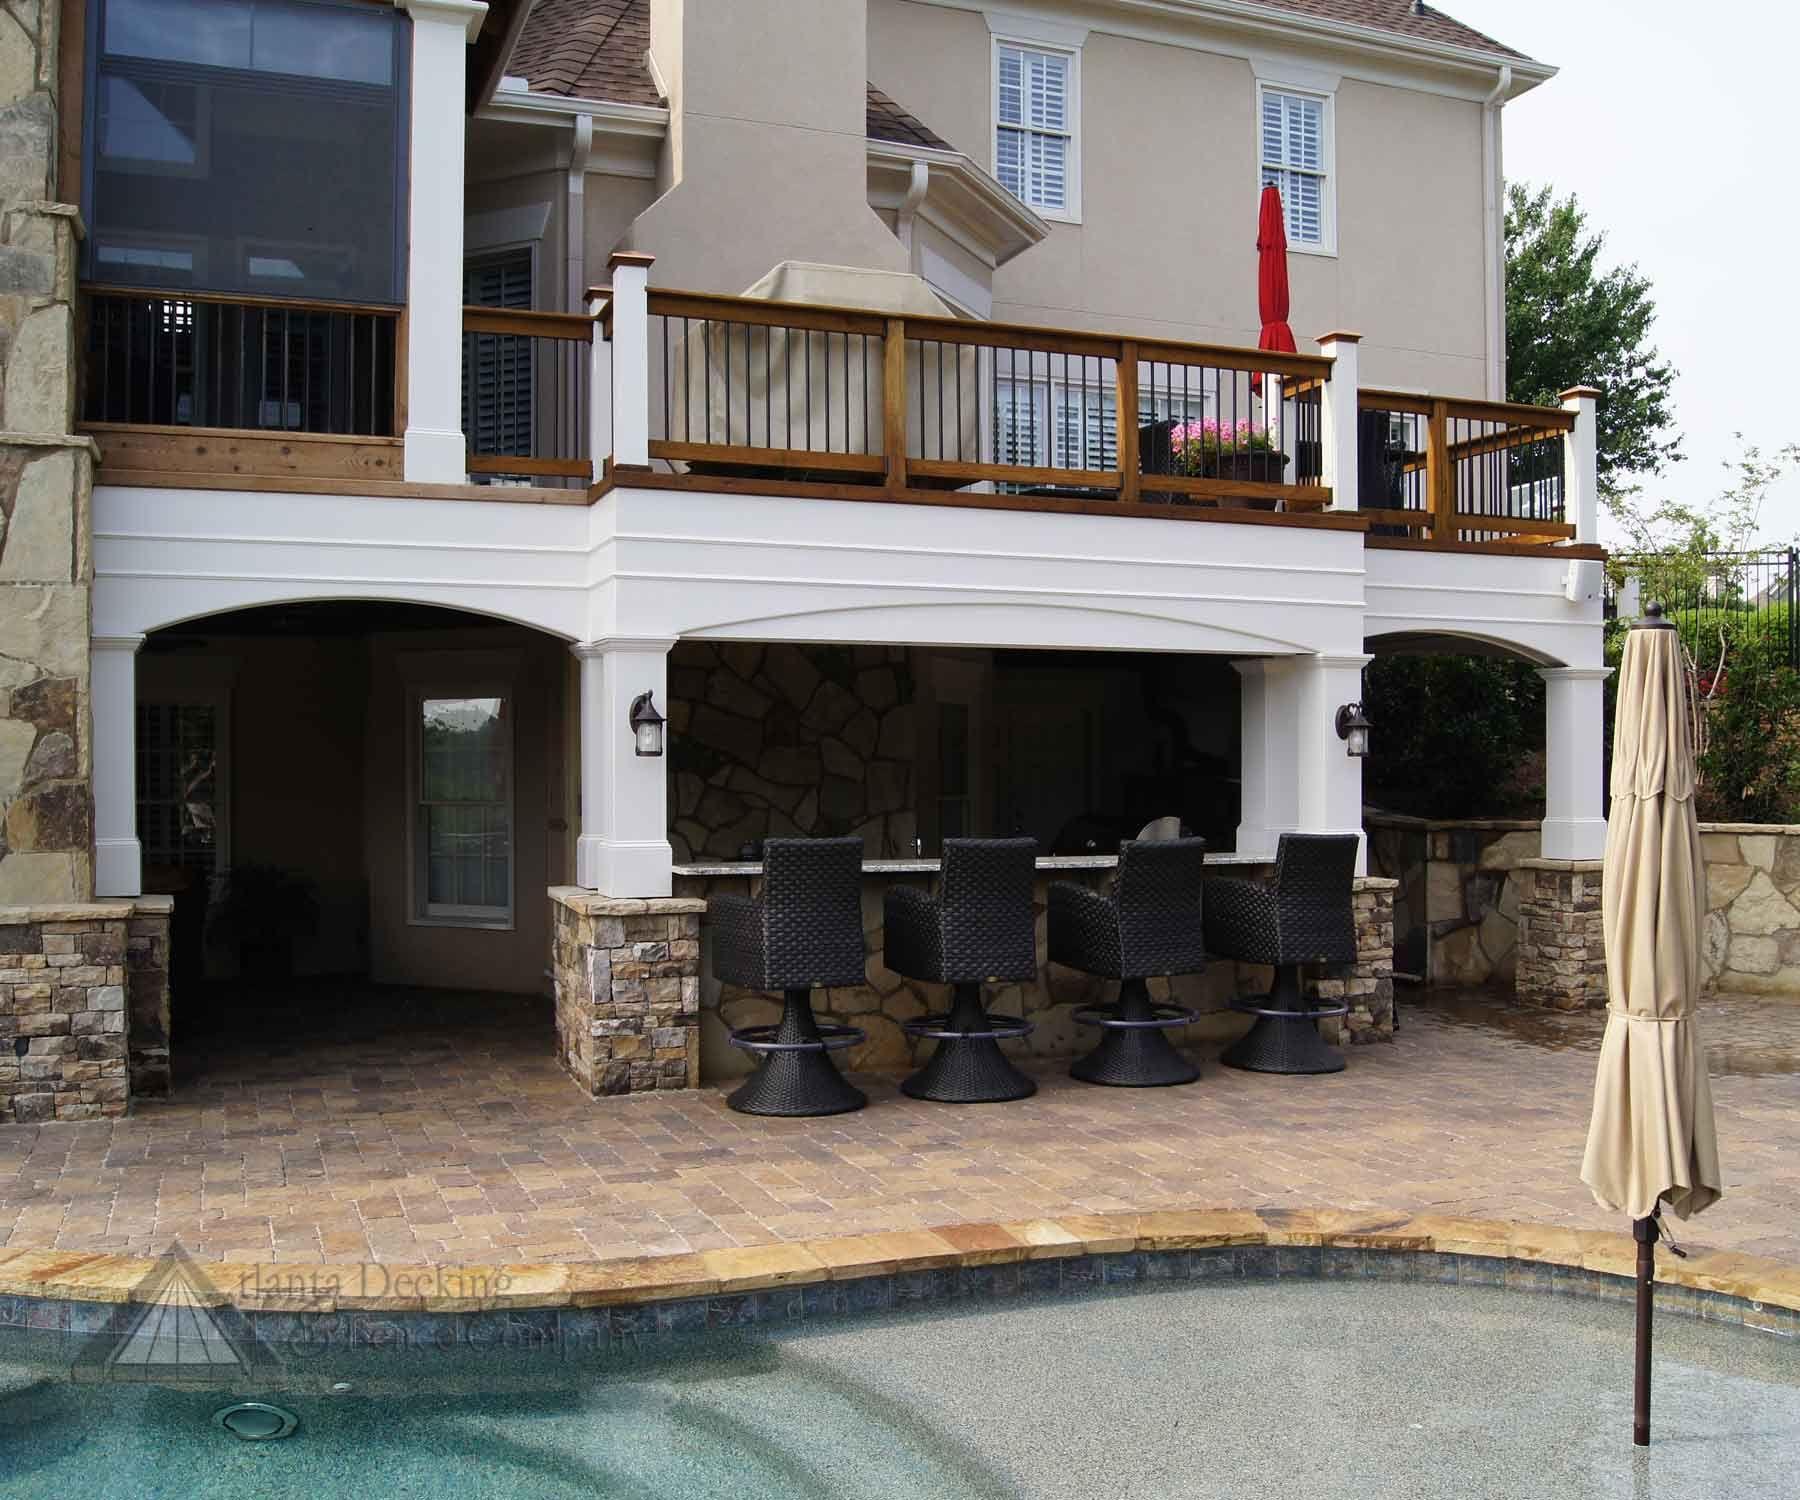 outdoor kitchen under deck decks backyard patio under decks building a deck on outdoor kitchen on deck id=67915